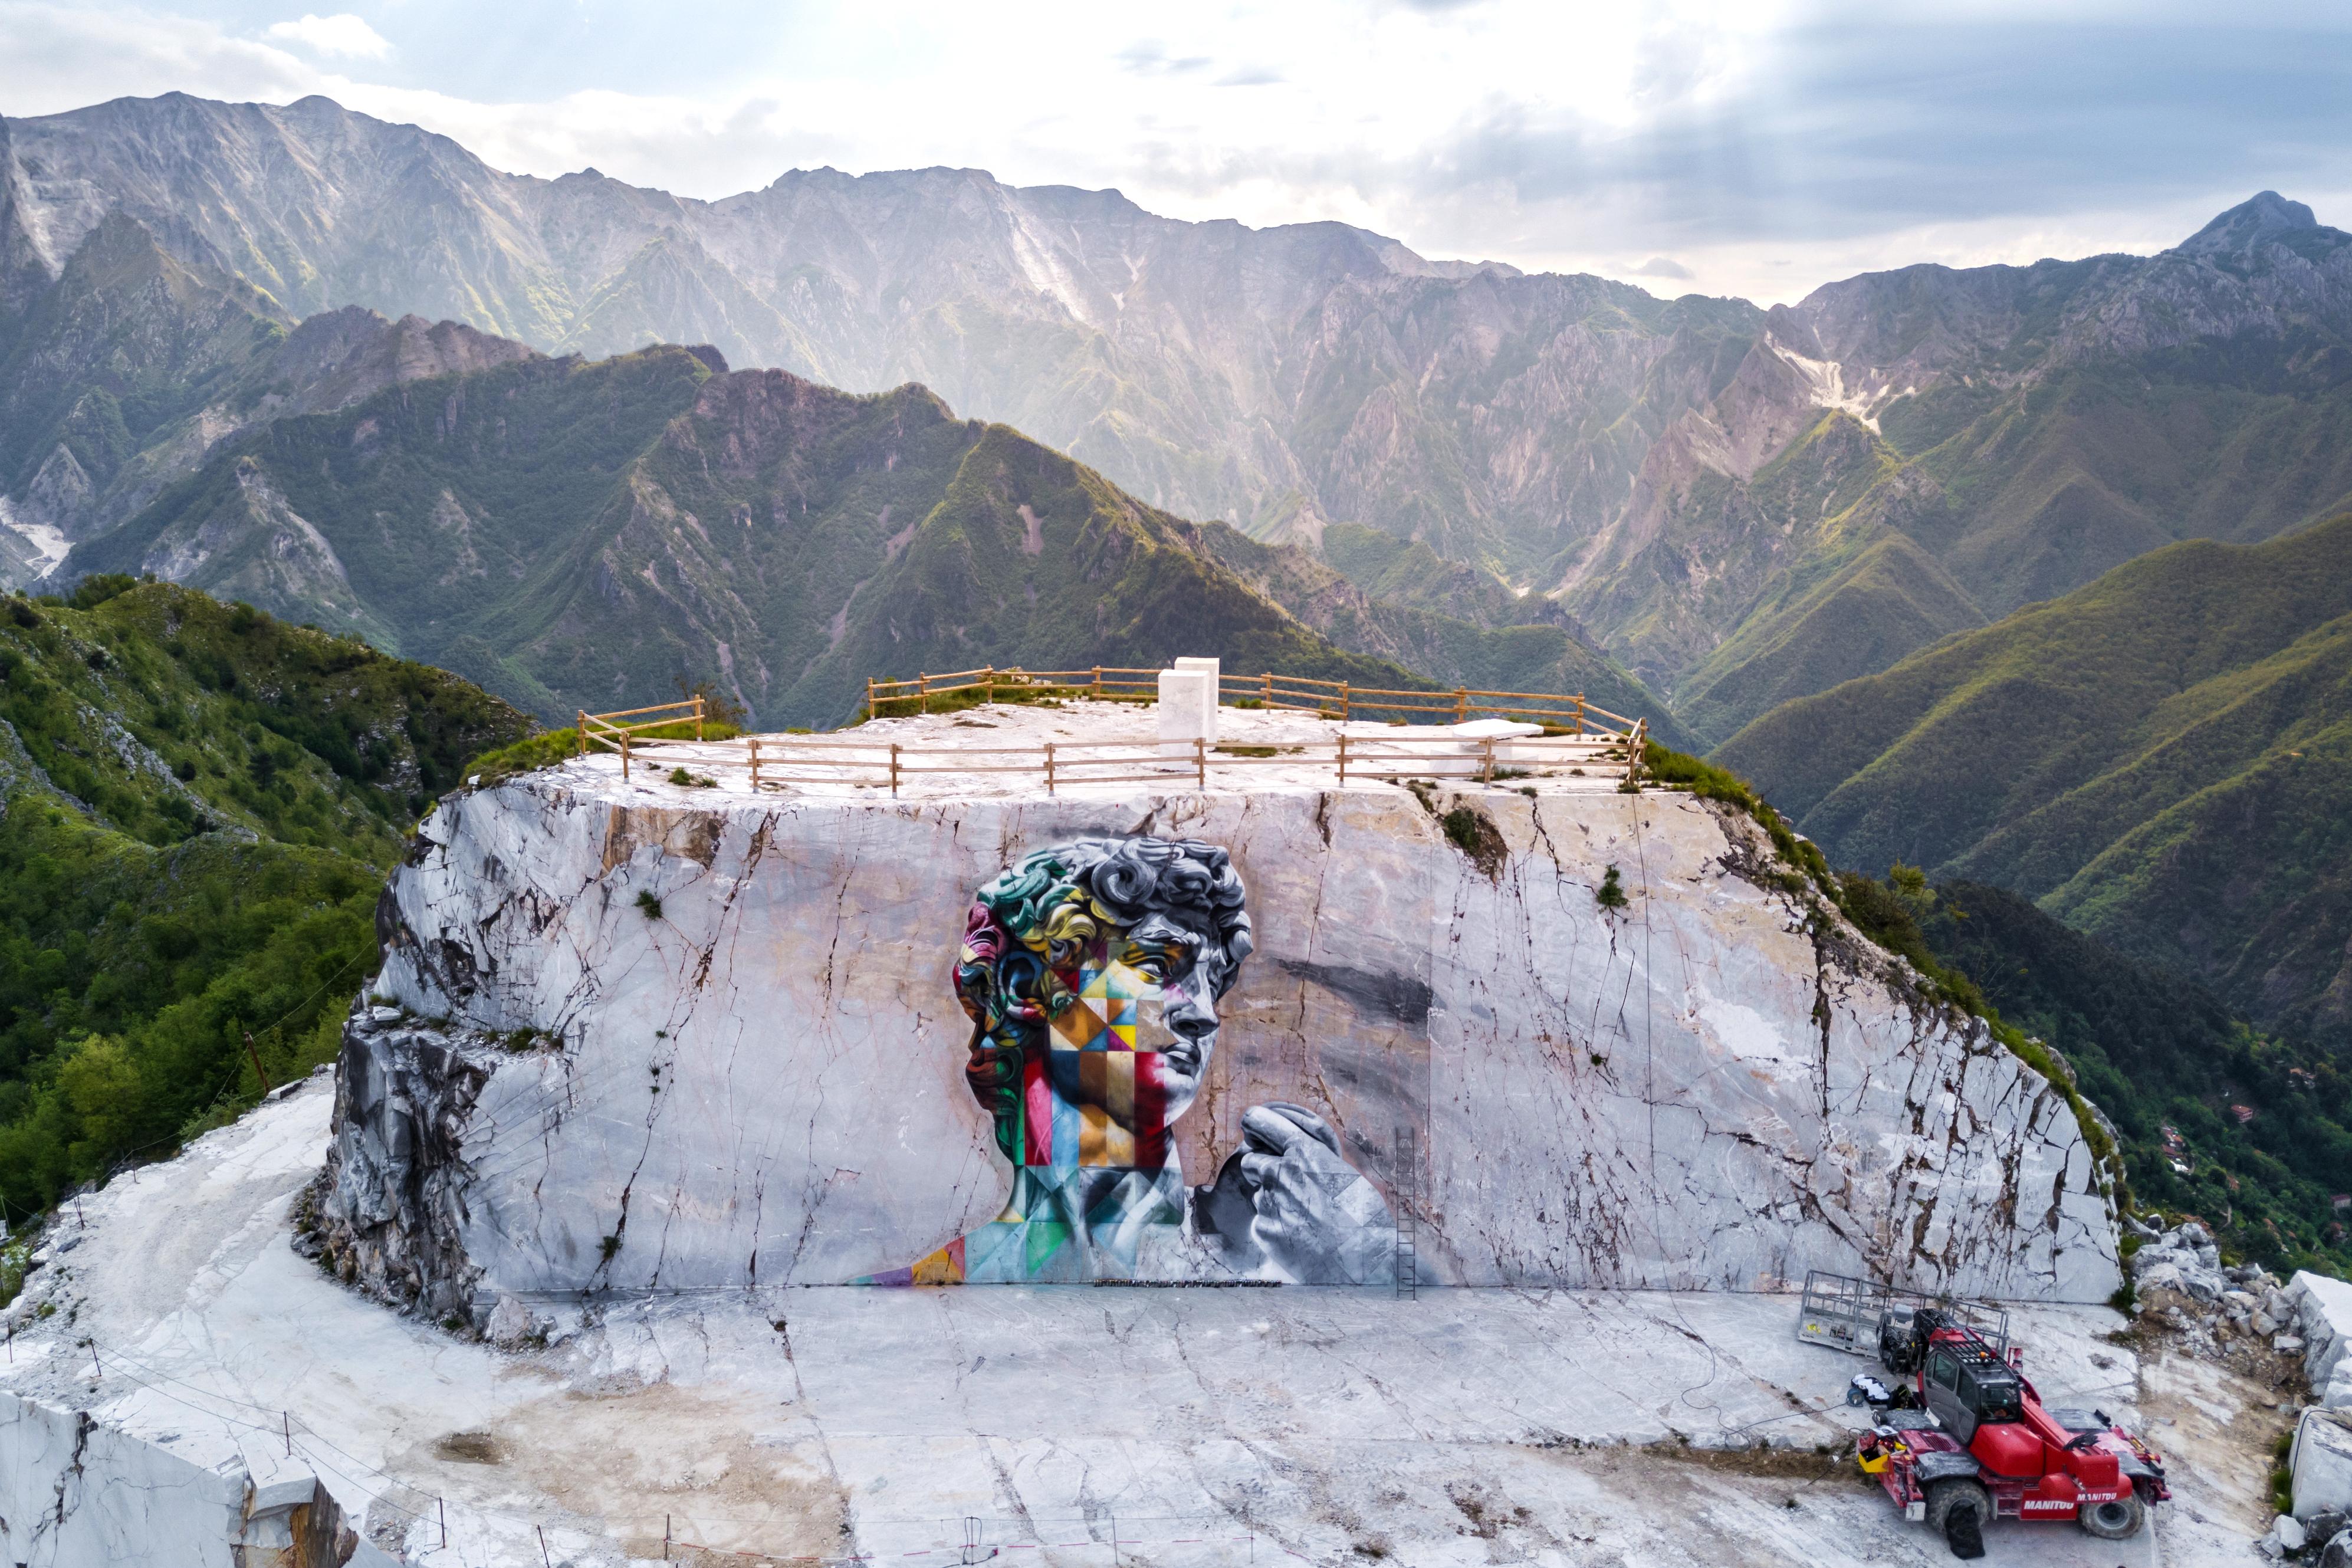 Em Carrara, na Itália, mural de 12 metros de altura foi pintado a mil metros de altitude, em uma pedreira. O local é conhecido como o predileto do artista Michelangelo, que buscava ali o mármore utilizado em suas obras